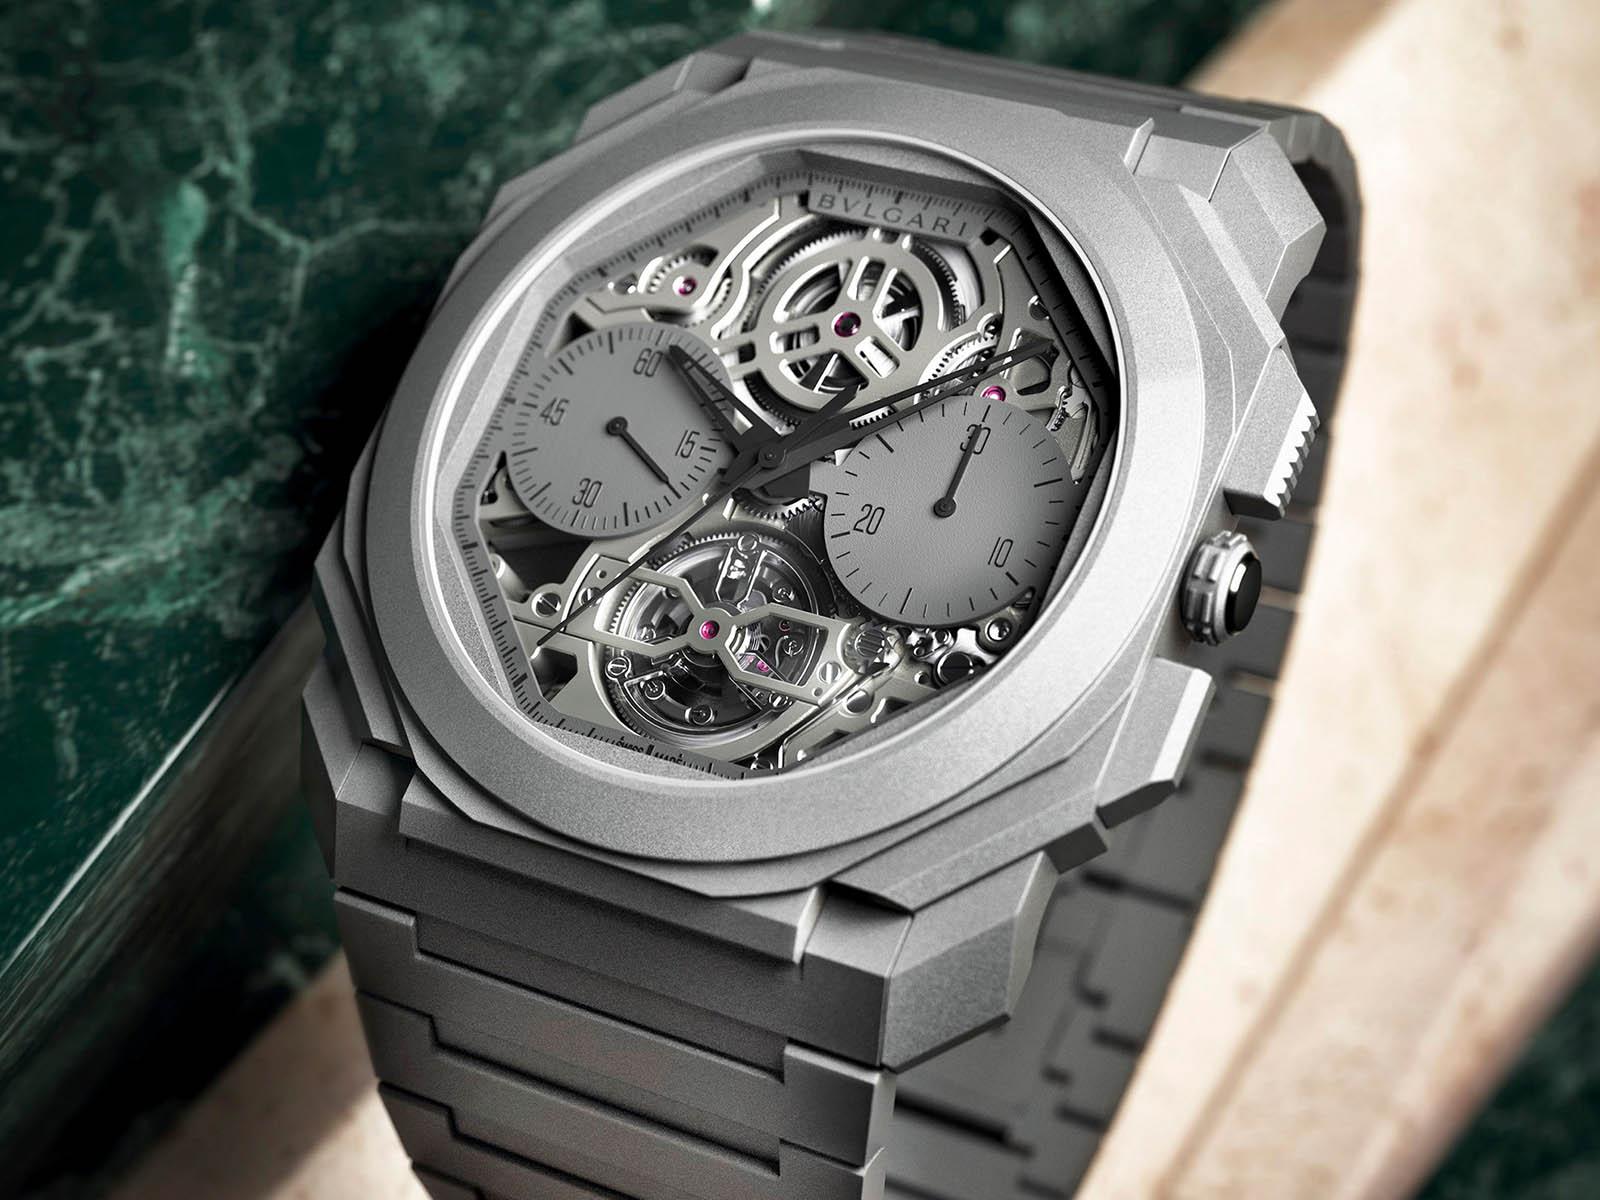 103295-bulgari-octo-finissimo-tourbillon-chronograph-skeleton-automatic-2.jpg